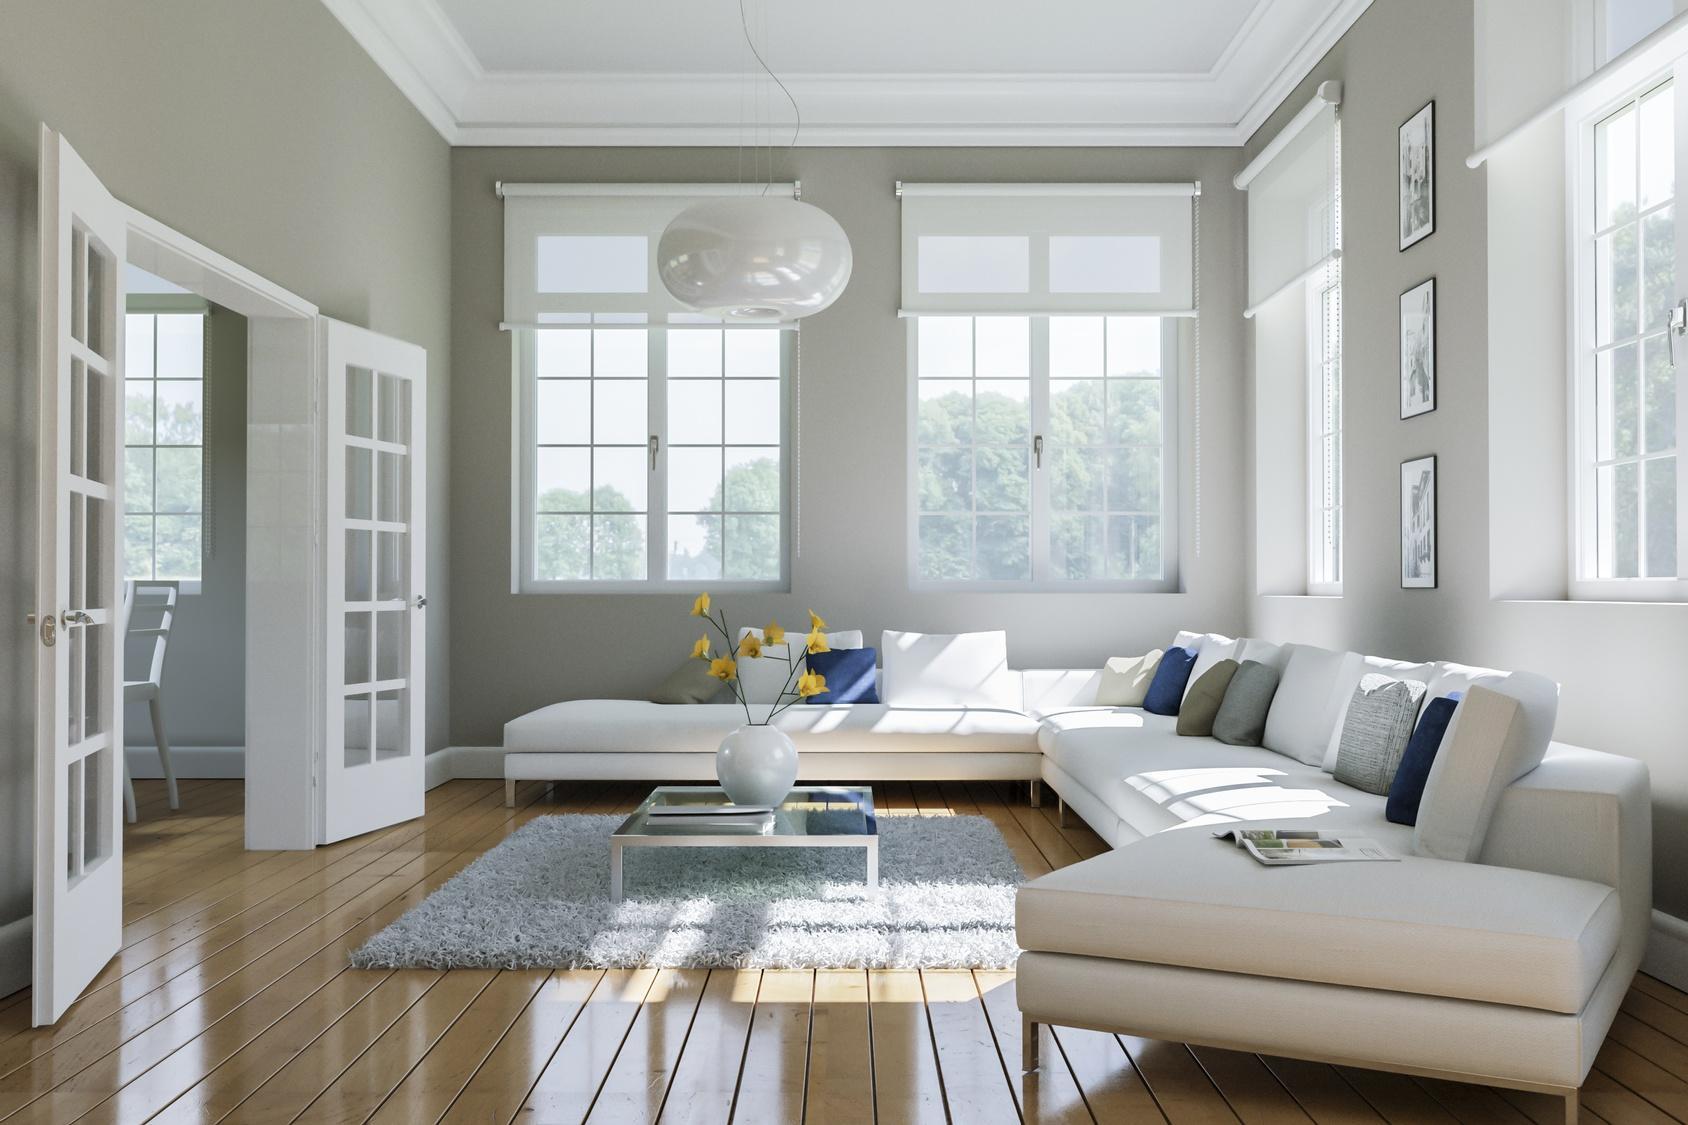 Wohnzimmer Altbau Einrichten